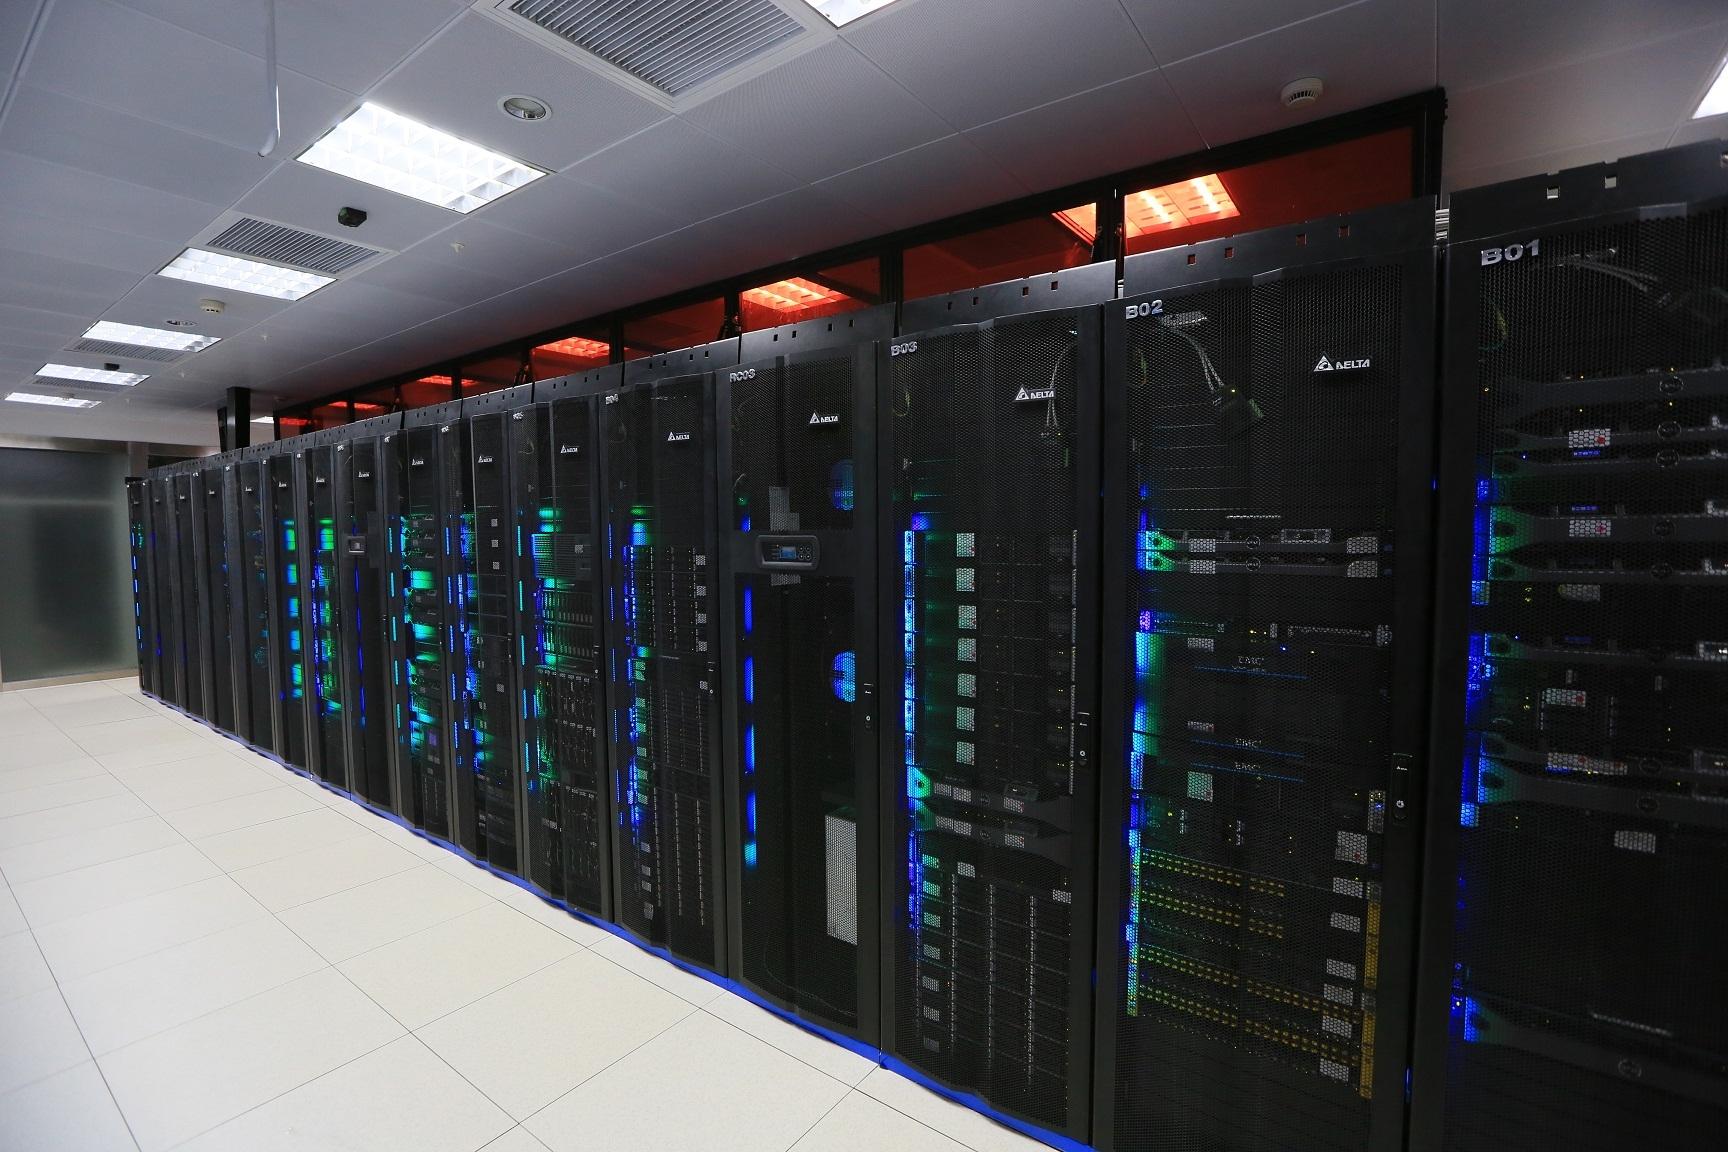 政府部门网络安全设备系统集成项目